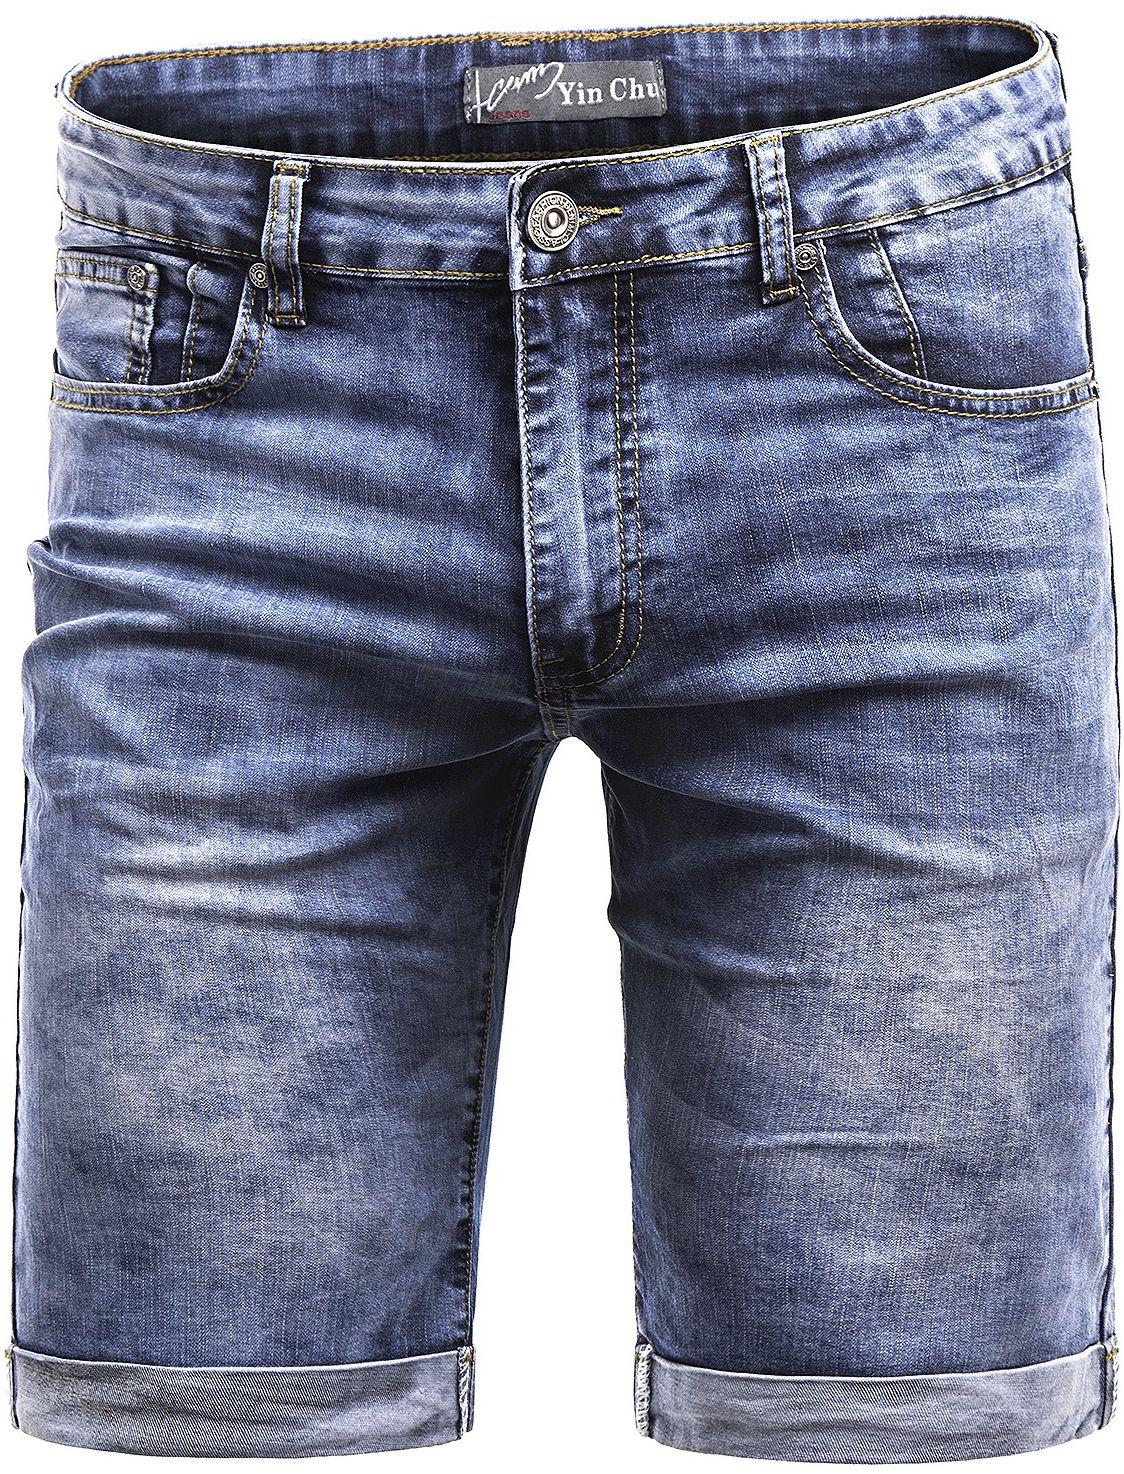 Spodenki męskie 2061 - jeansowe